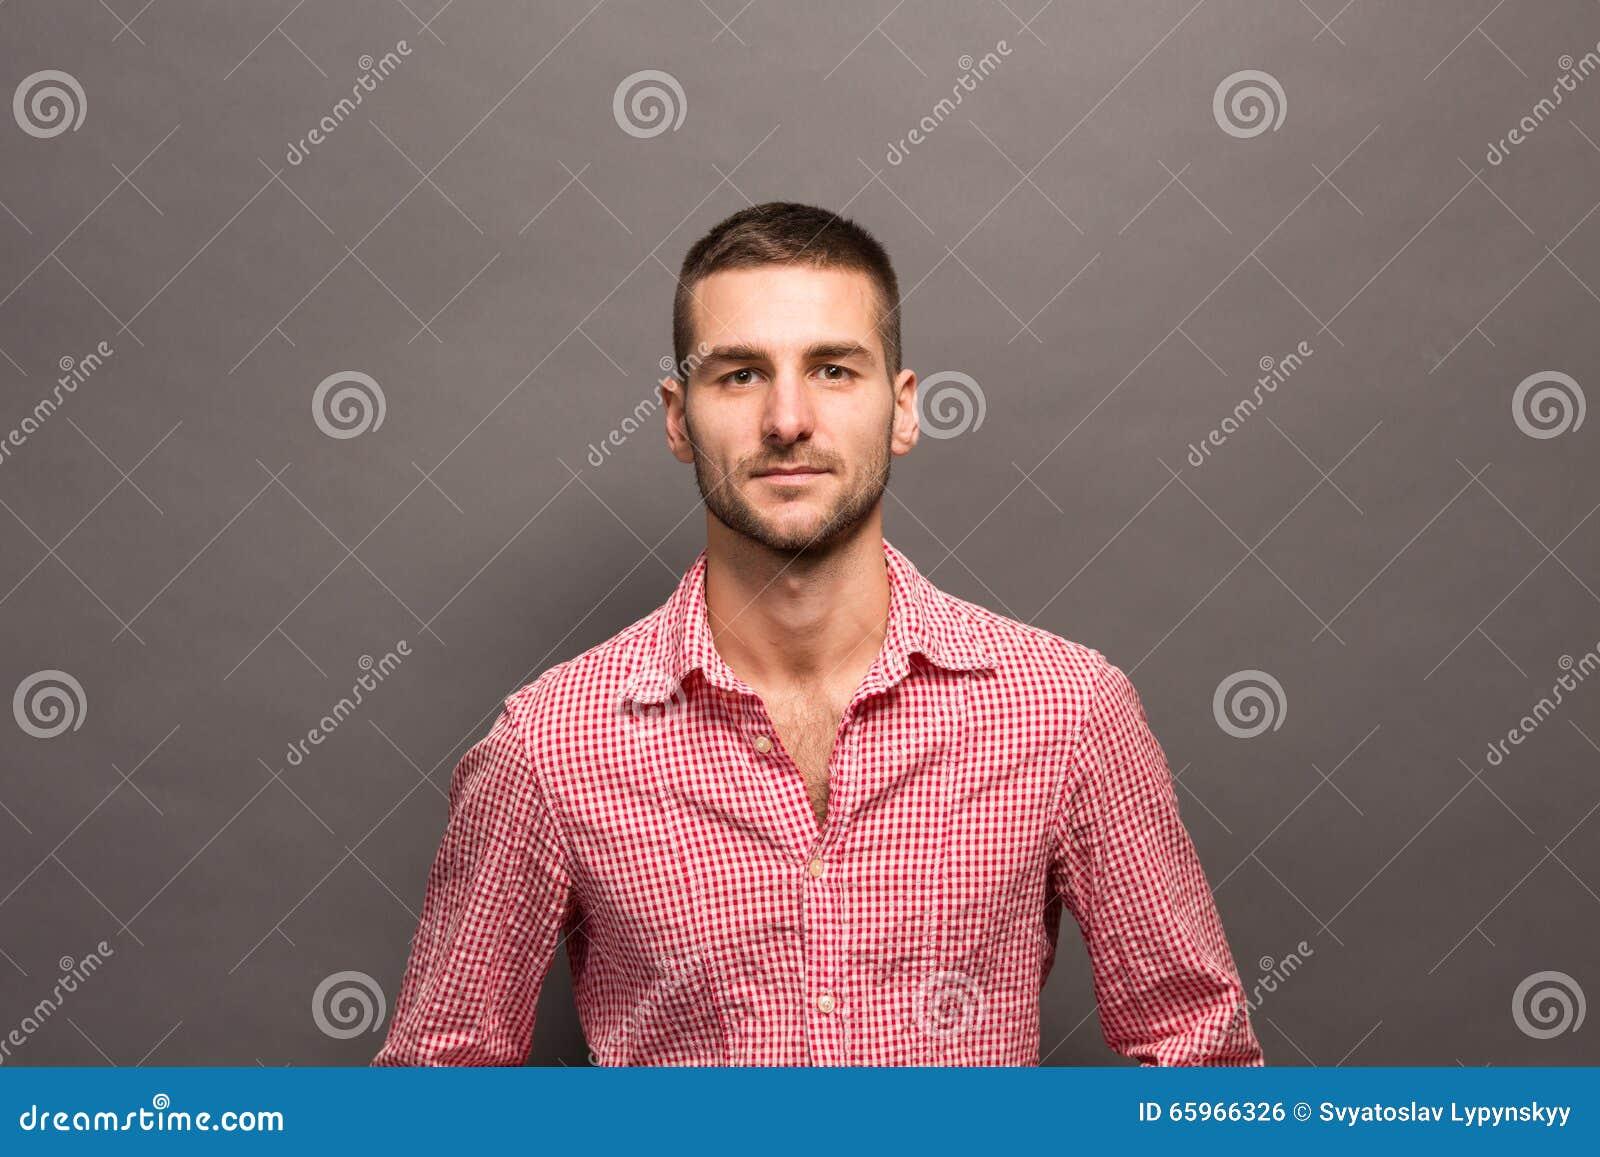 Handsome man in studio